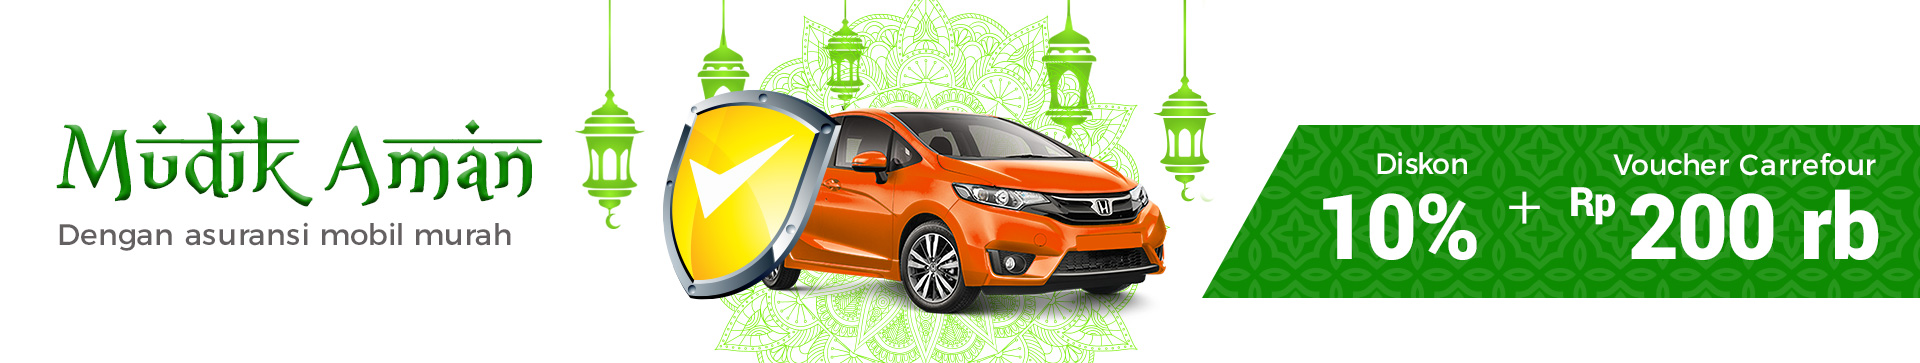 Ramadhan Bundling Car Insurance